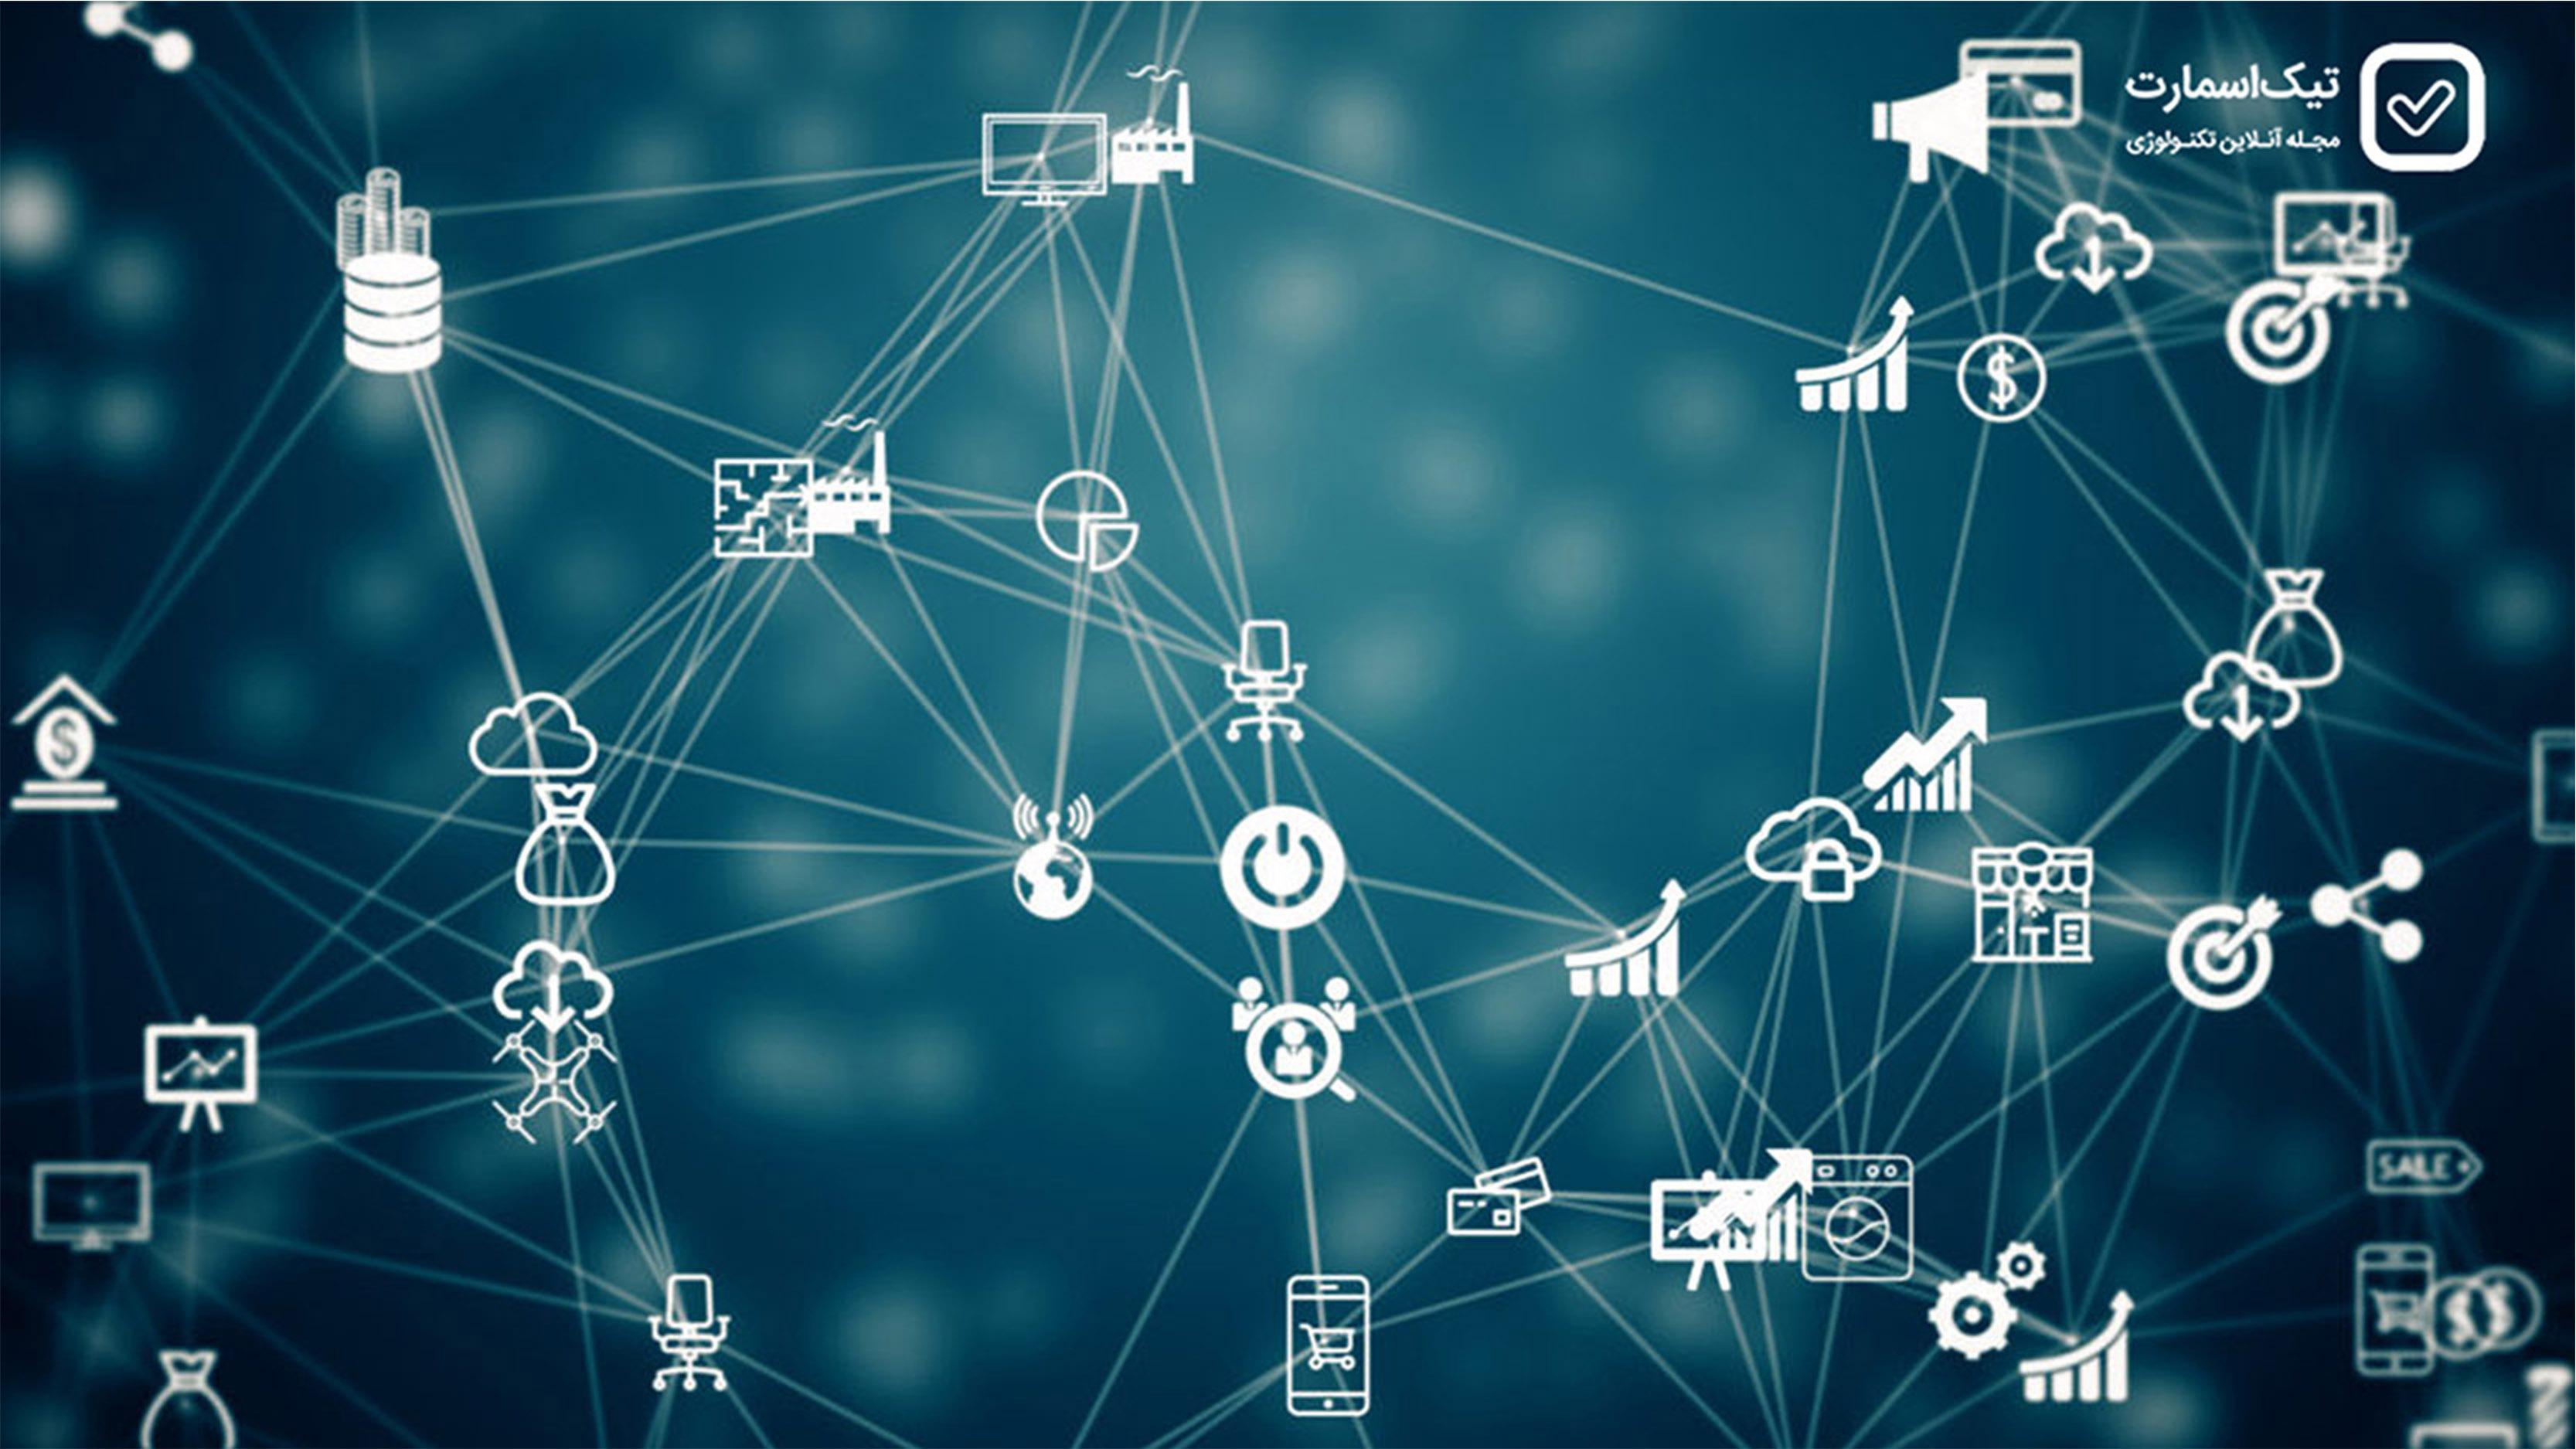 اینترنت اشیاء (IoT)؛ زندگی بر بستر اینترنت